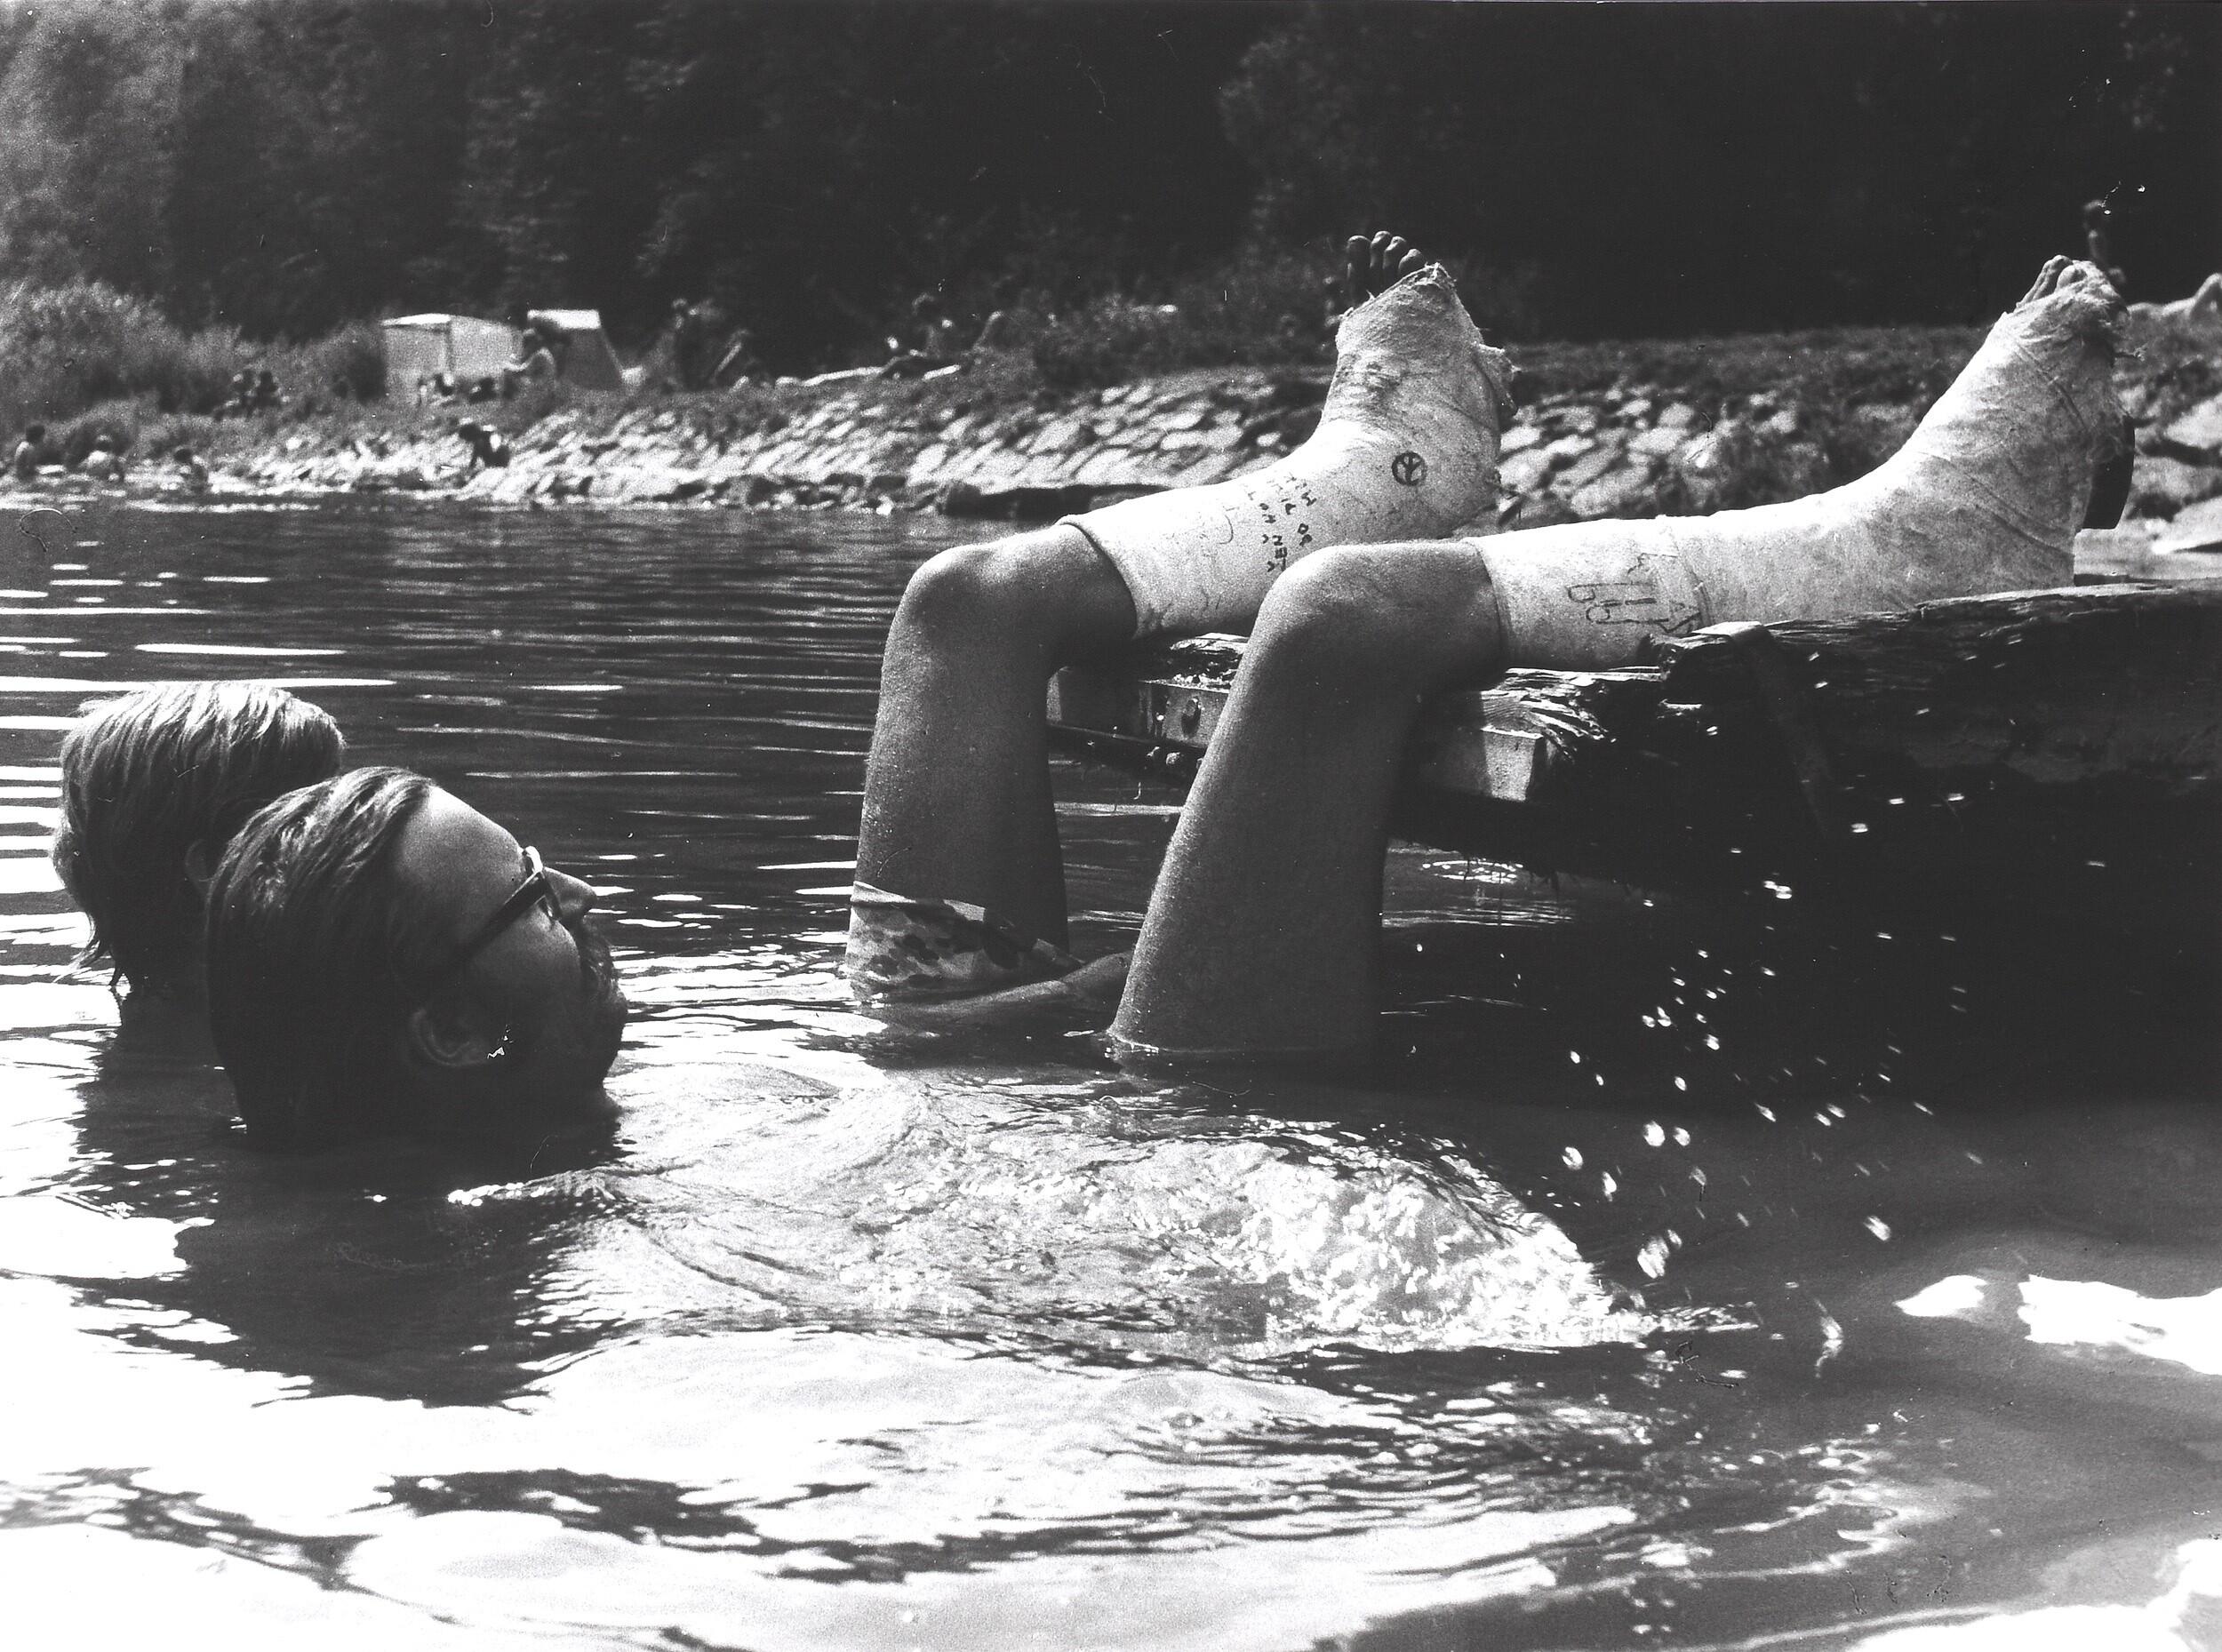 Из цикла «Летние люди», 1968. Фотограф Франтишек Досталь